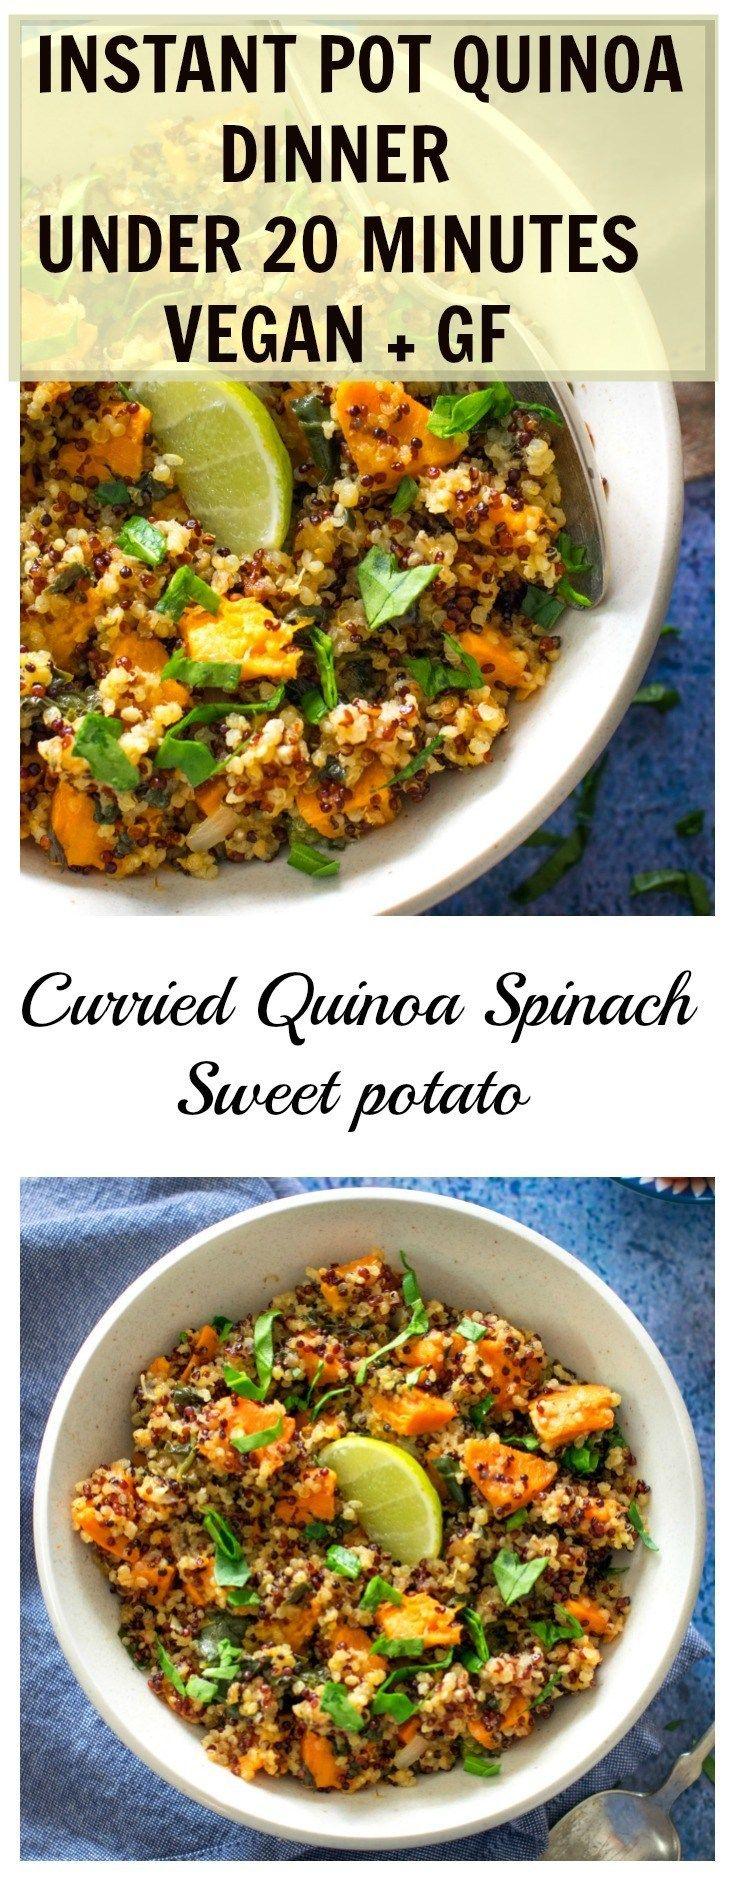 Instant Pot Curried Quinoa Spinach Sweet Potato Under 20 Minutes Sweet Potato Spinach Vegan Instant Pot Recipes Vegetarian Instant Pot